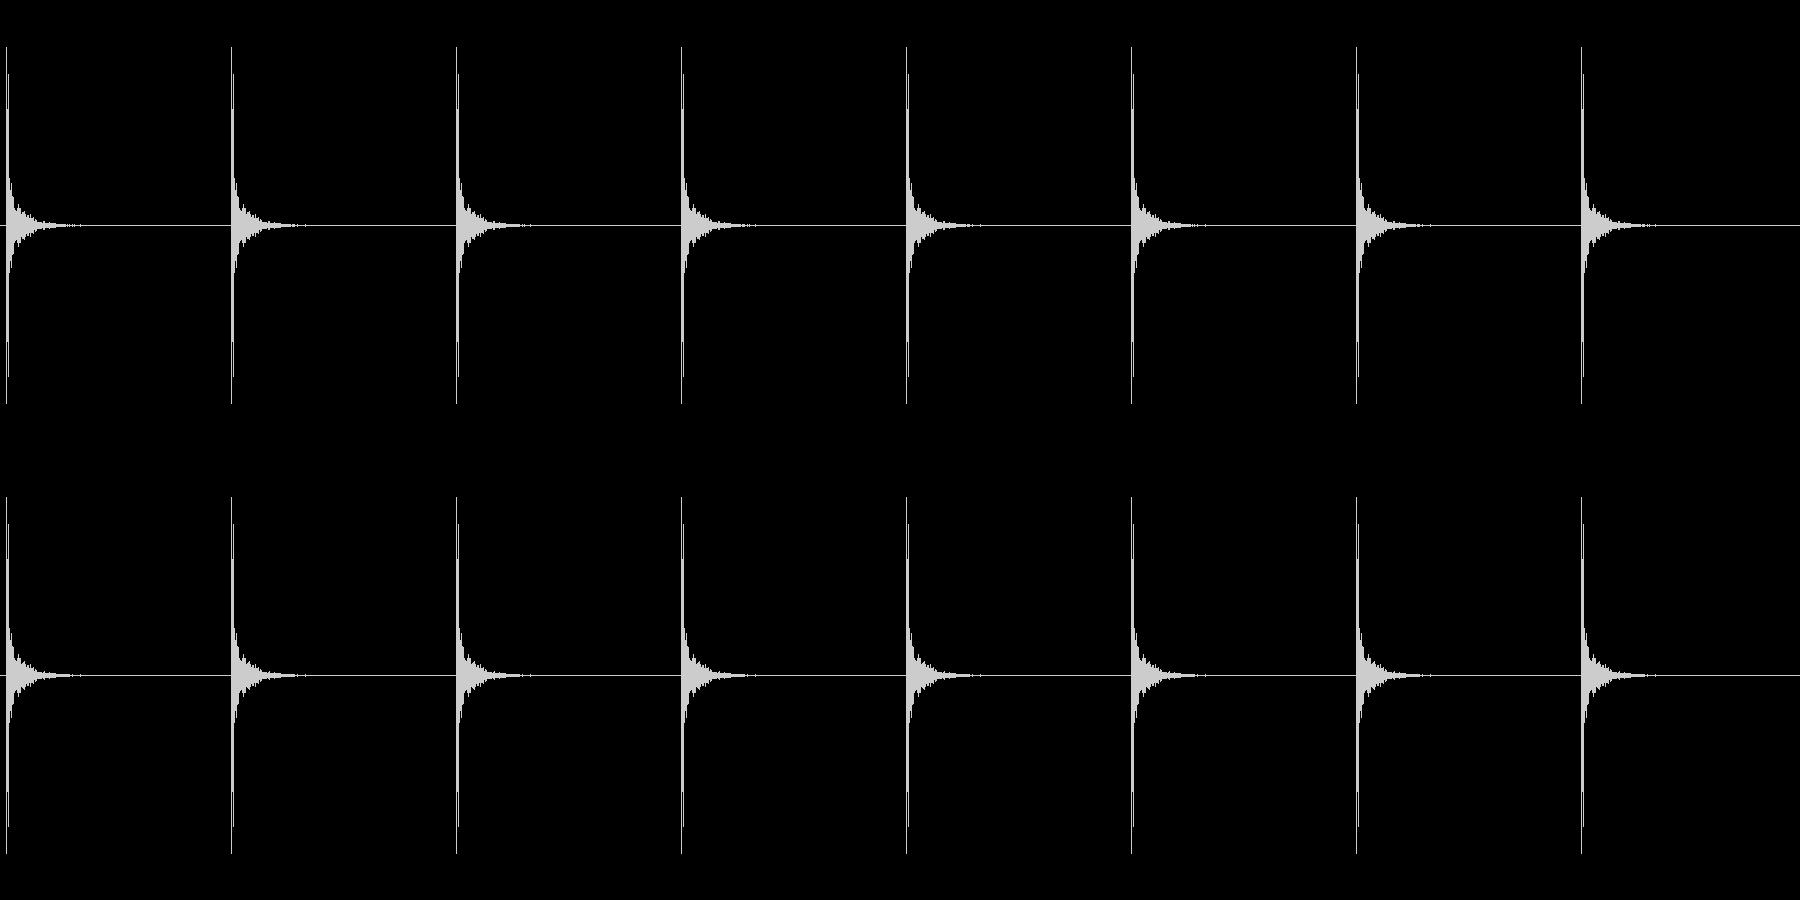 ドラムスティック/シンキングタイムその2の未再生の波形